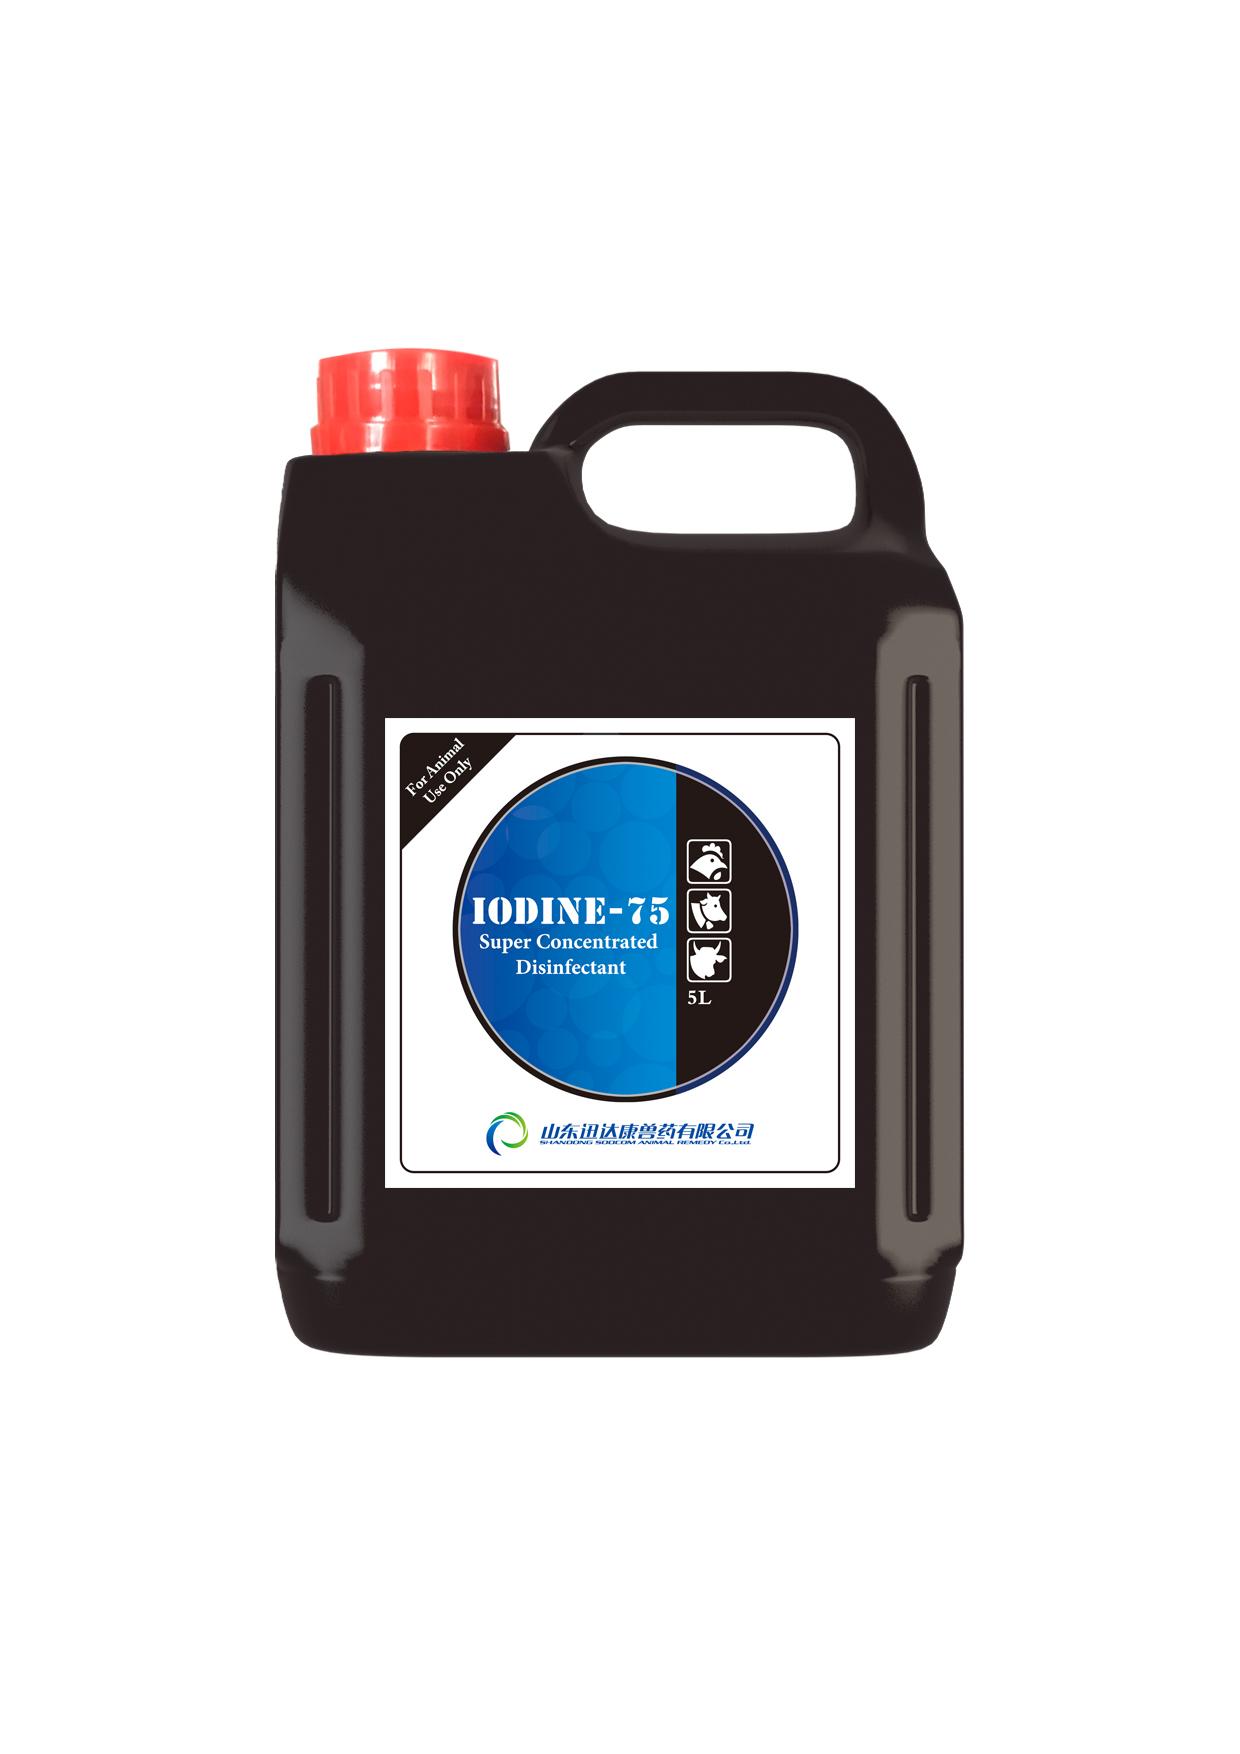 Iodine-75